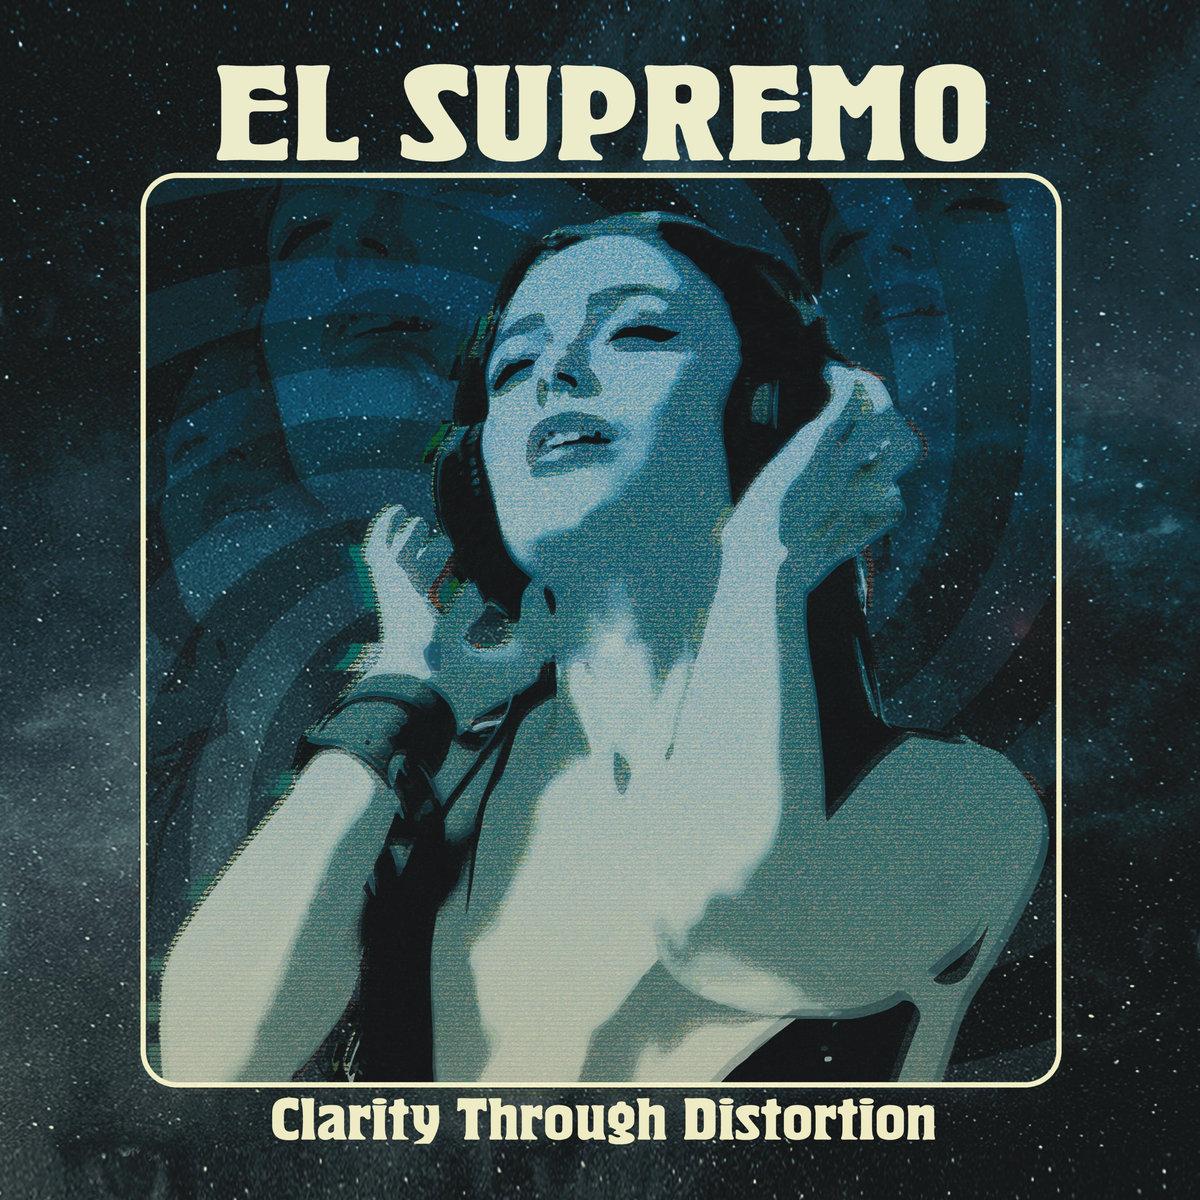 El Supremo Clarity Through Distortion